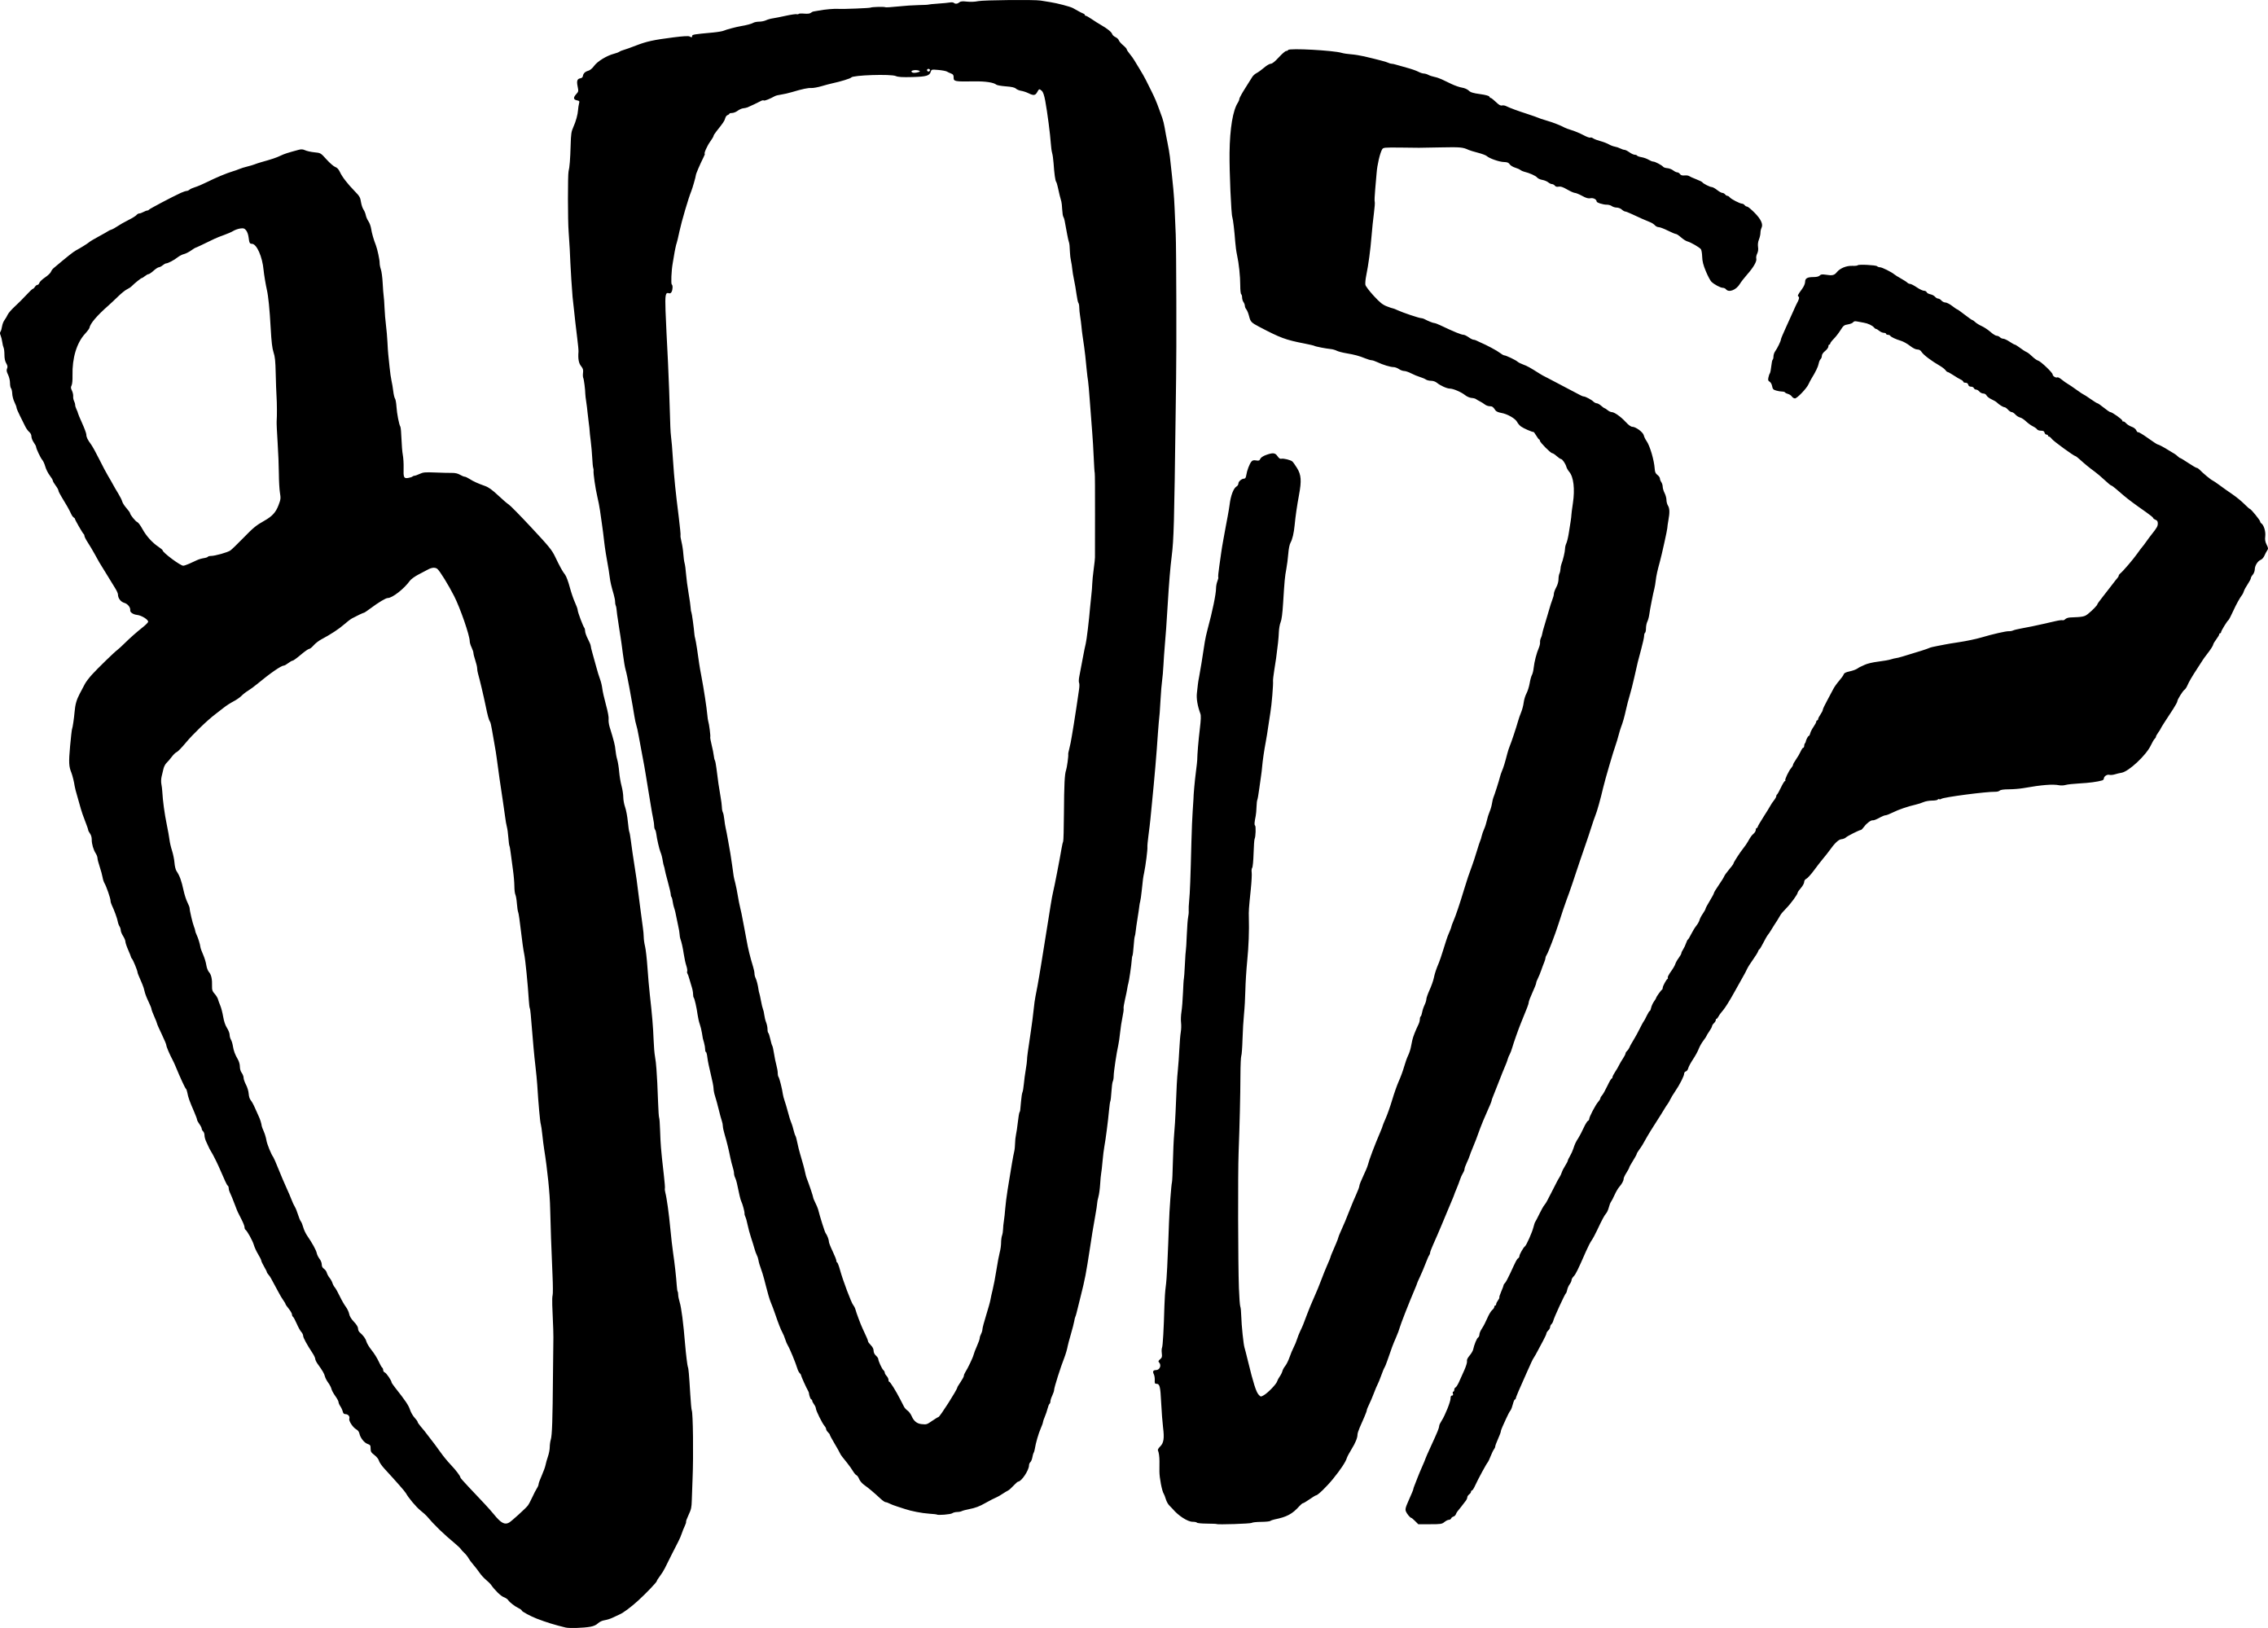 8057art